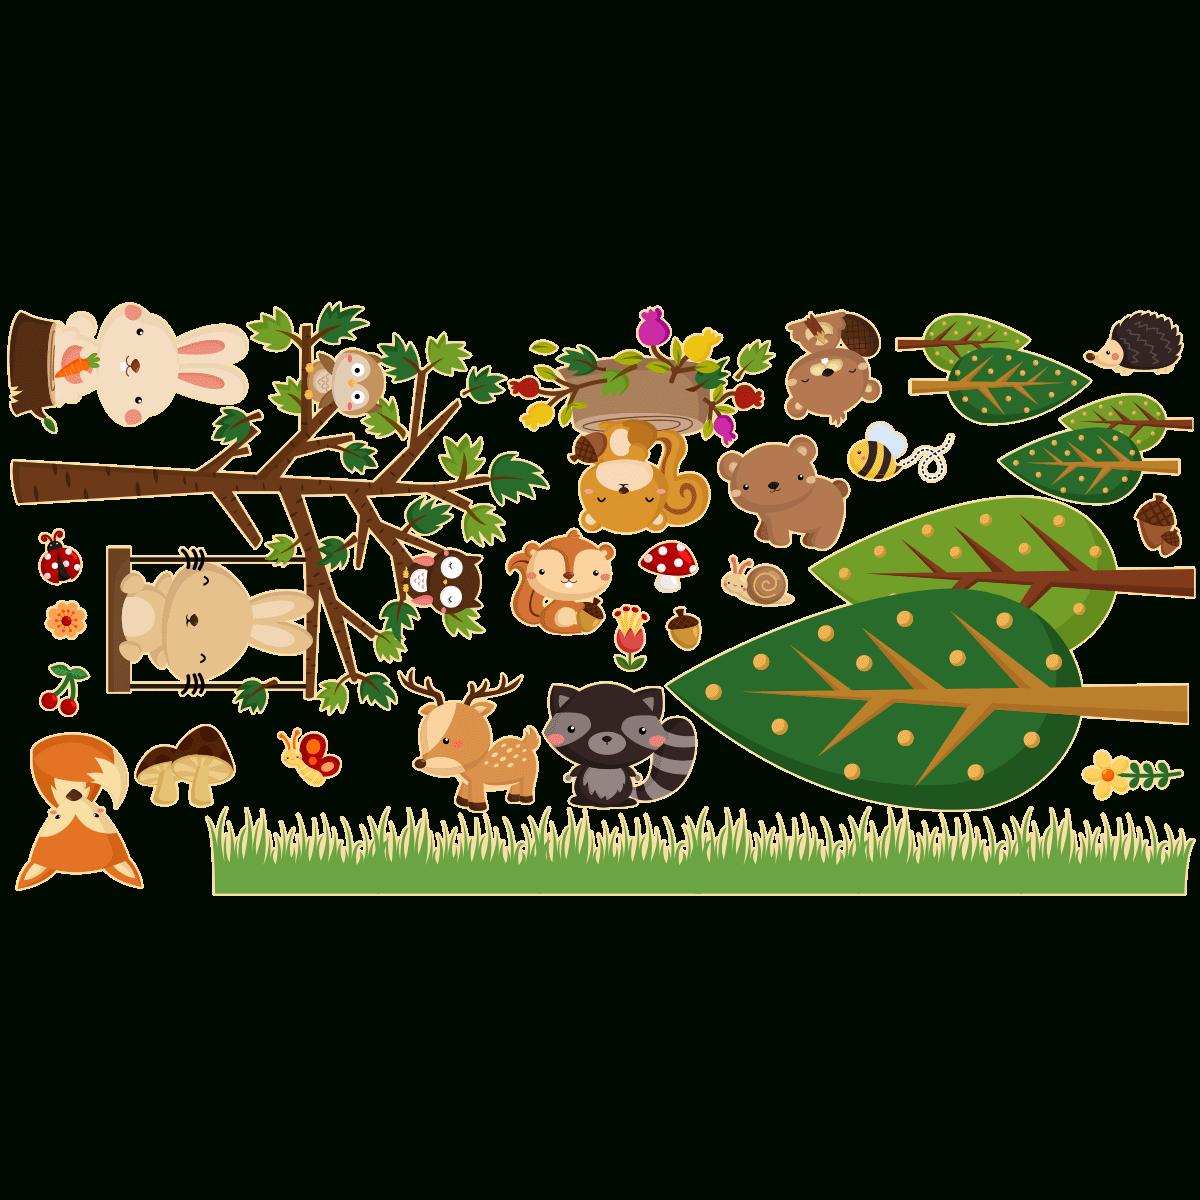 Sticker Les Animaux De La Forêt concernant Image D Animaux De La Foret